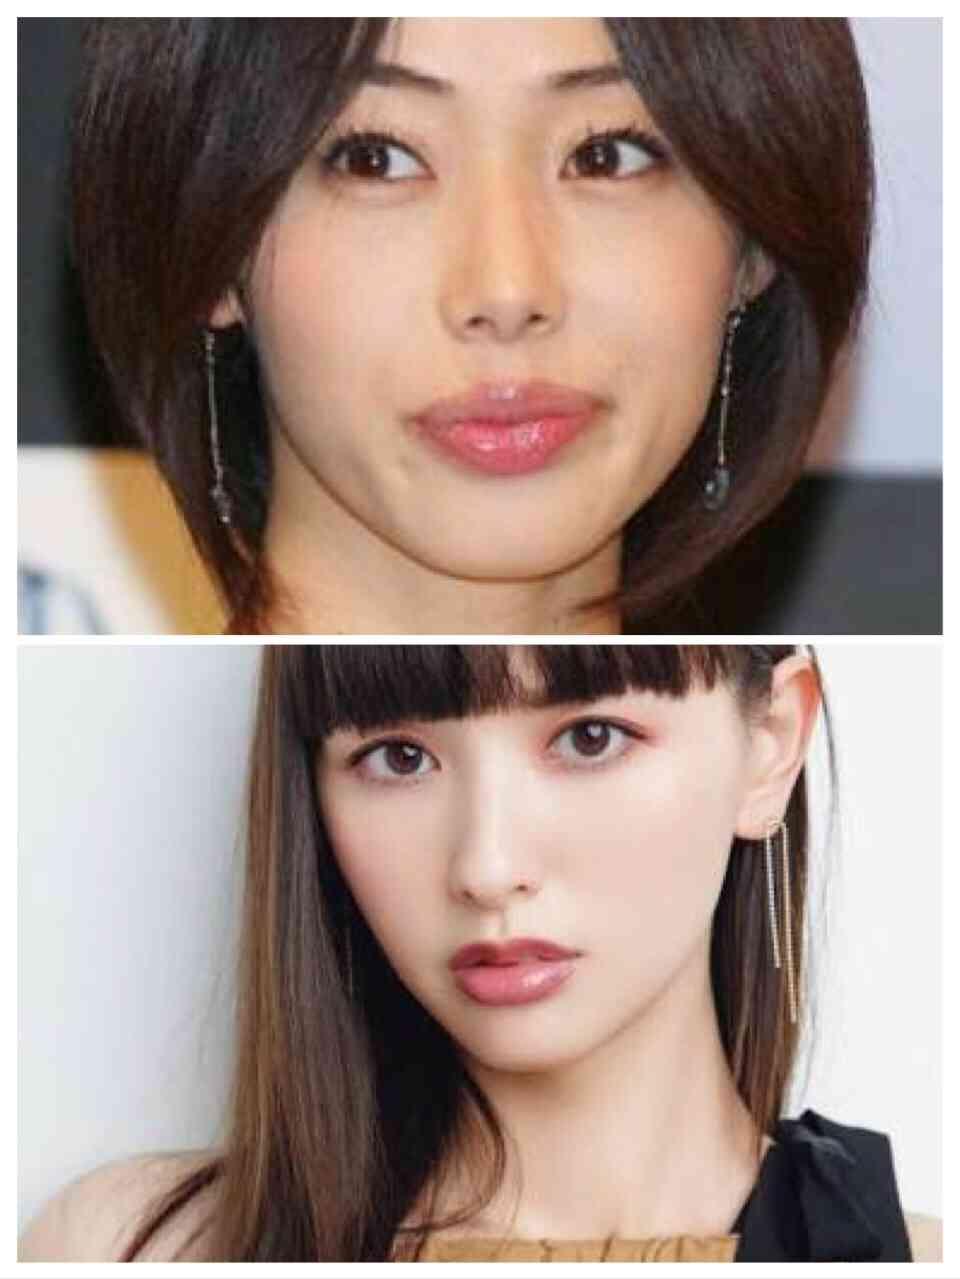 同じ系統の顔の芸能人